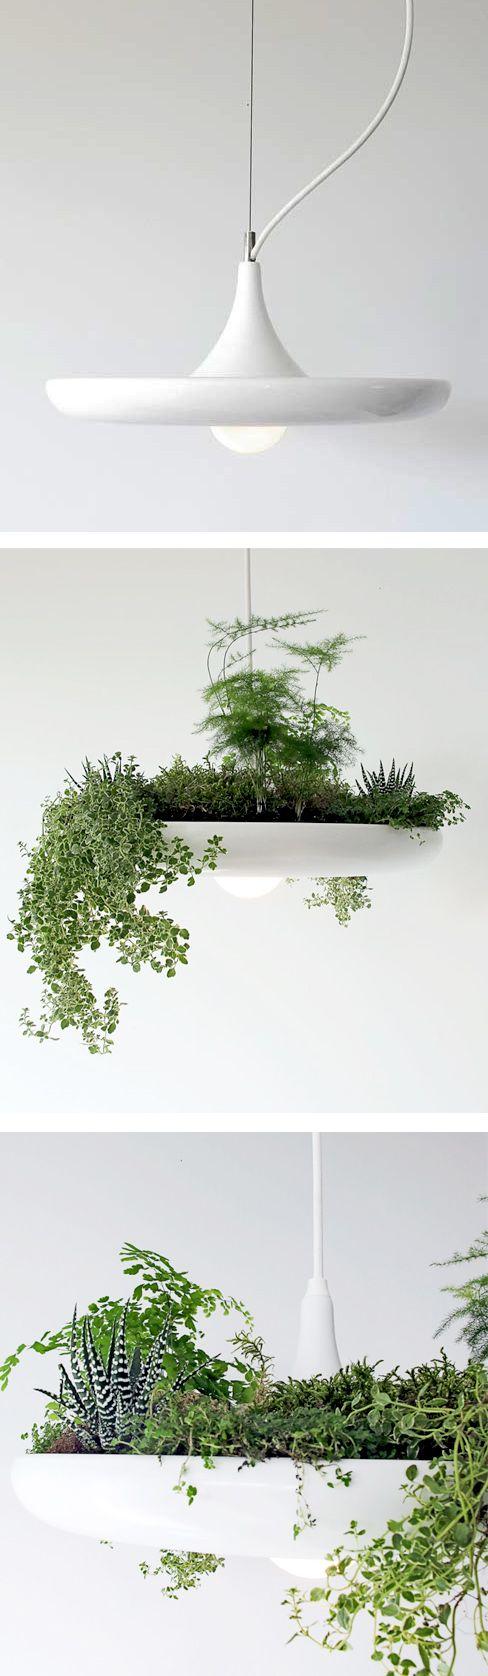 Jardin suspendu la lampe lumière deco loisir deco ampoule inspiration intérieur déco jardin création originale travaille